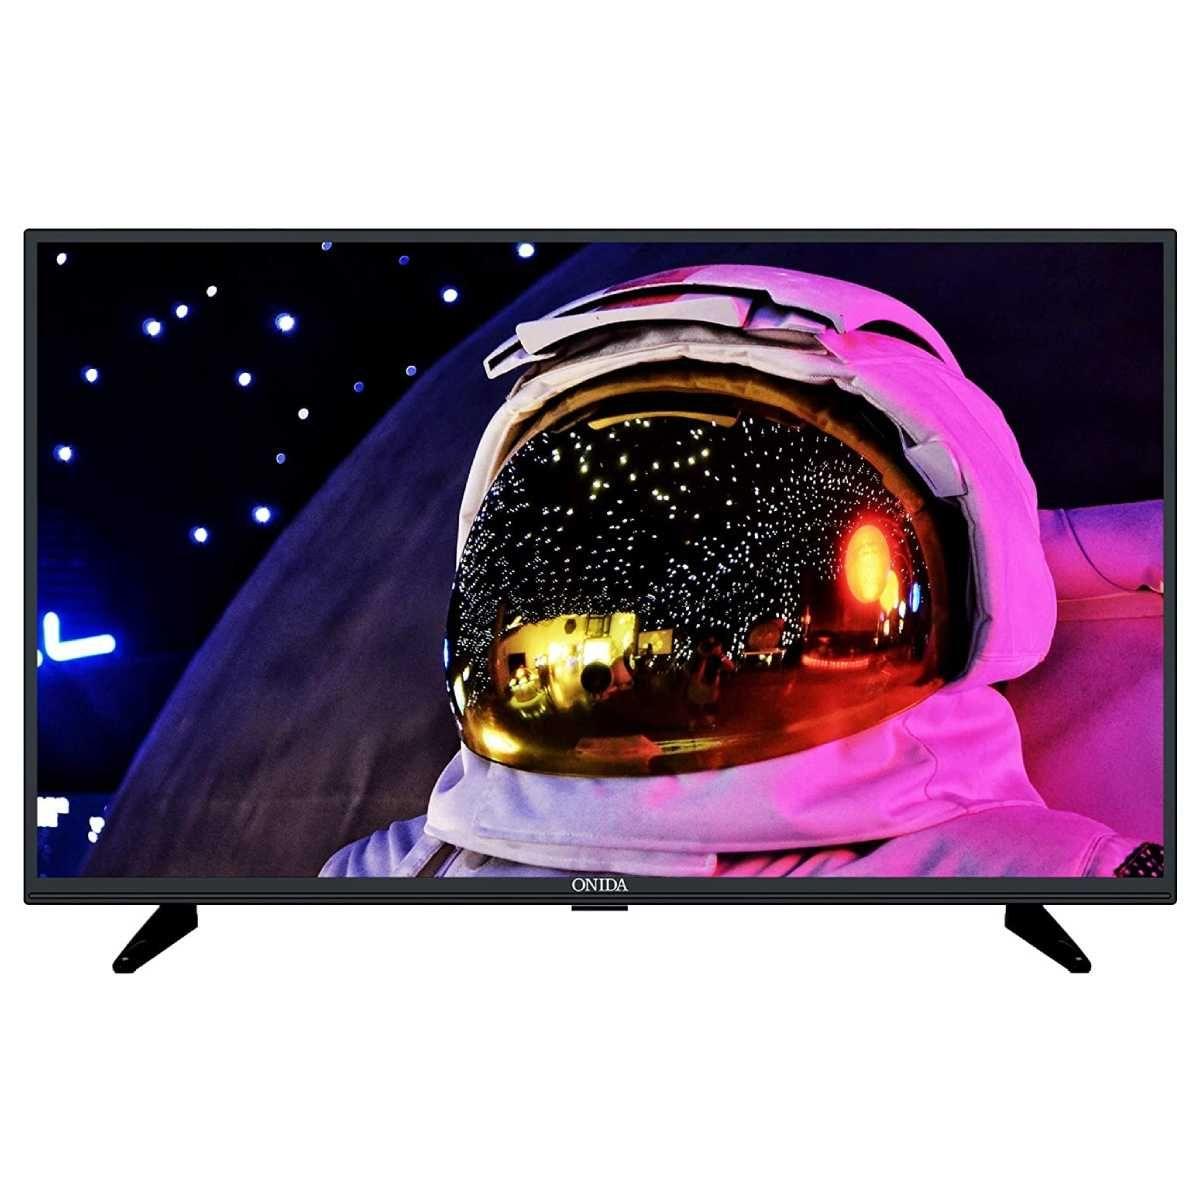 ಒನಿಡಾ 32 Inche Fire TV Edition HD Ready LED TV (32HIF1)